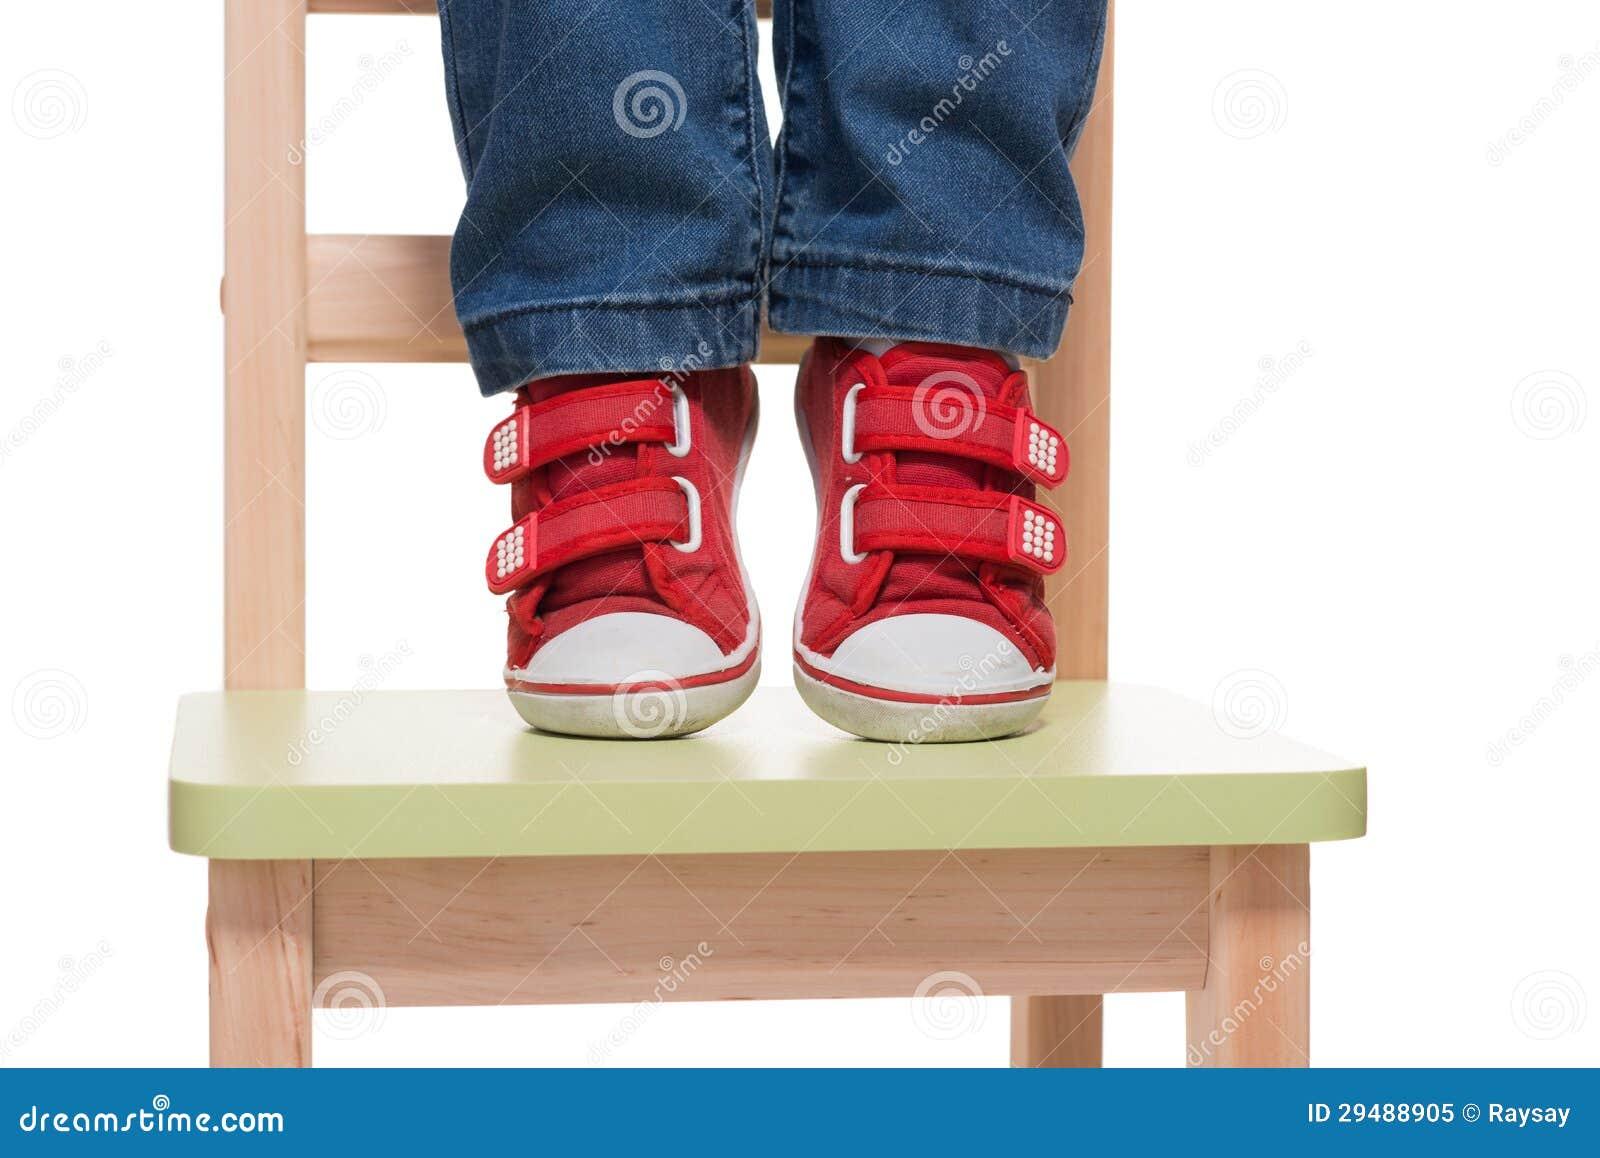 Stoel Voor Kind : De voeten die van het kind zich op de kleine stoel op tiptoe